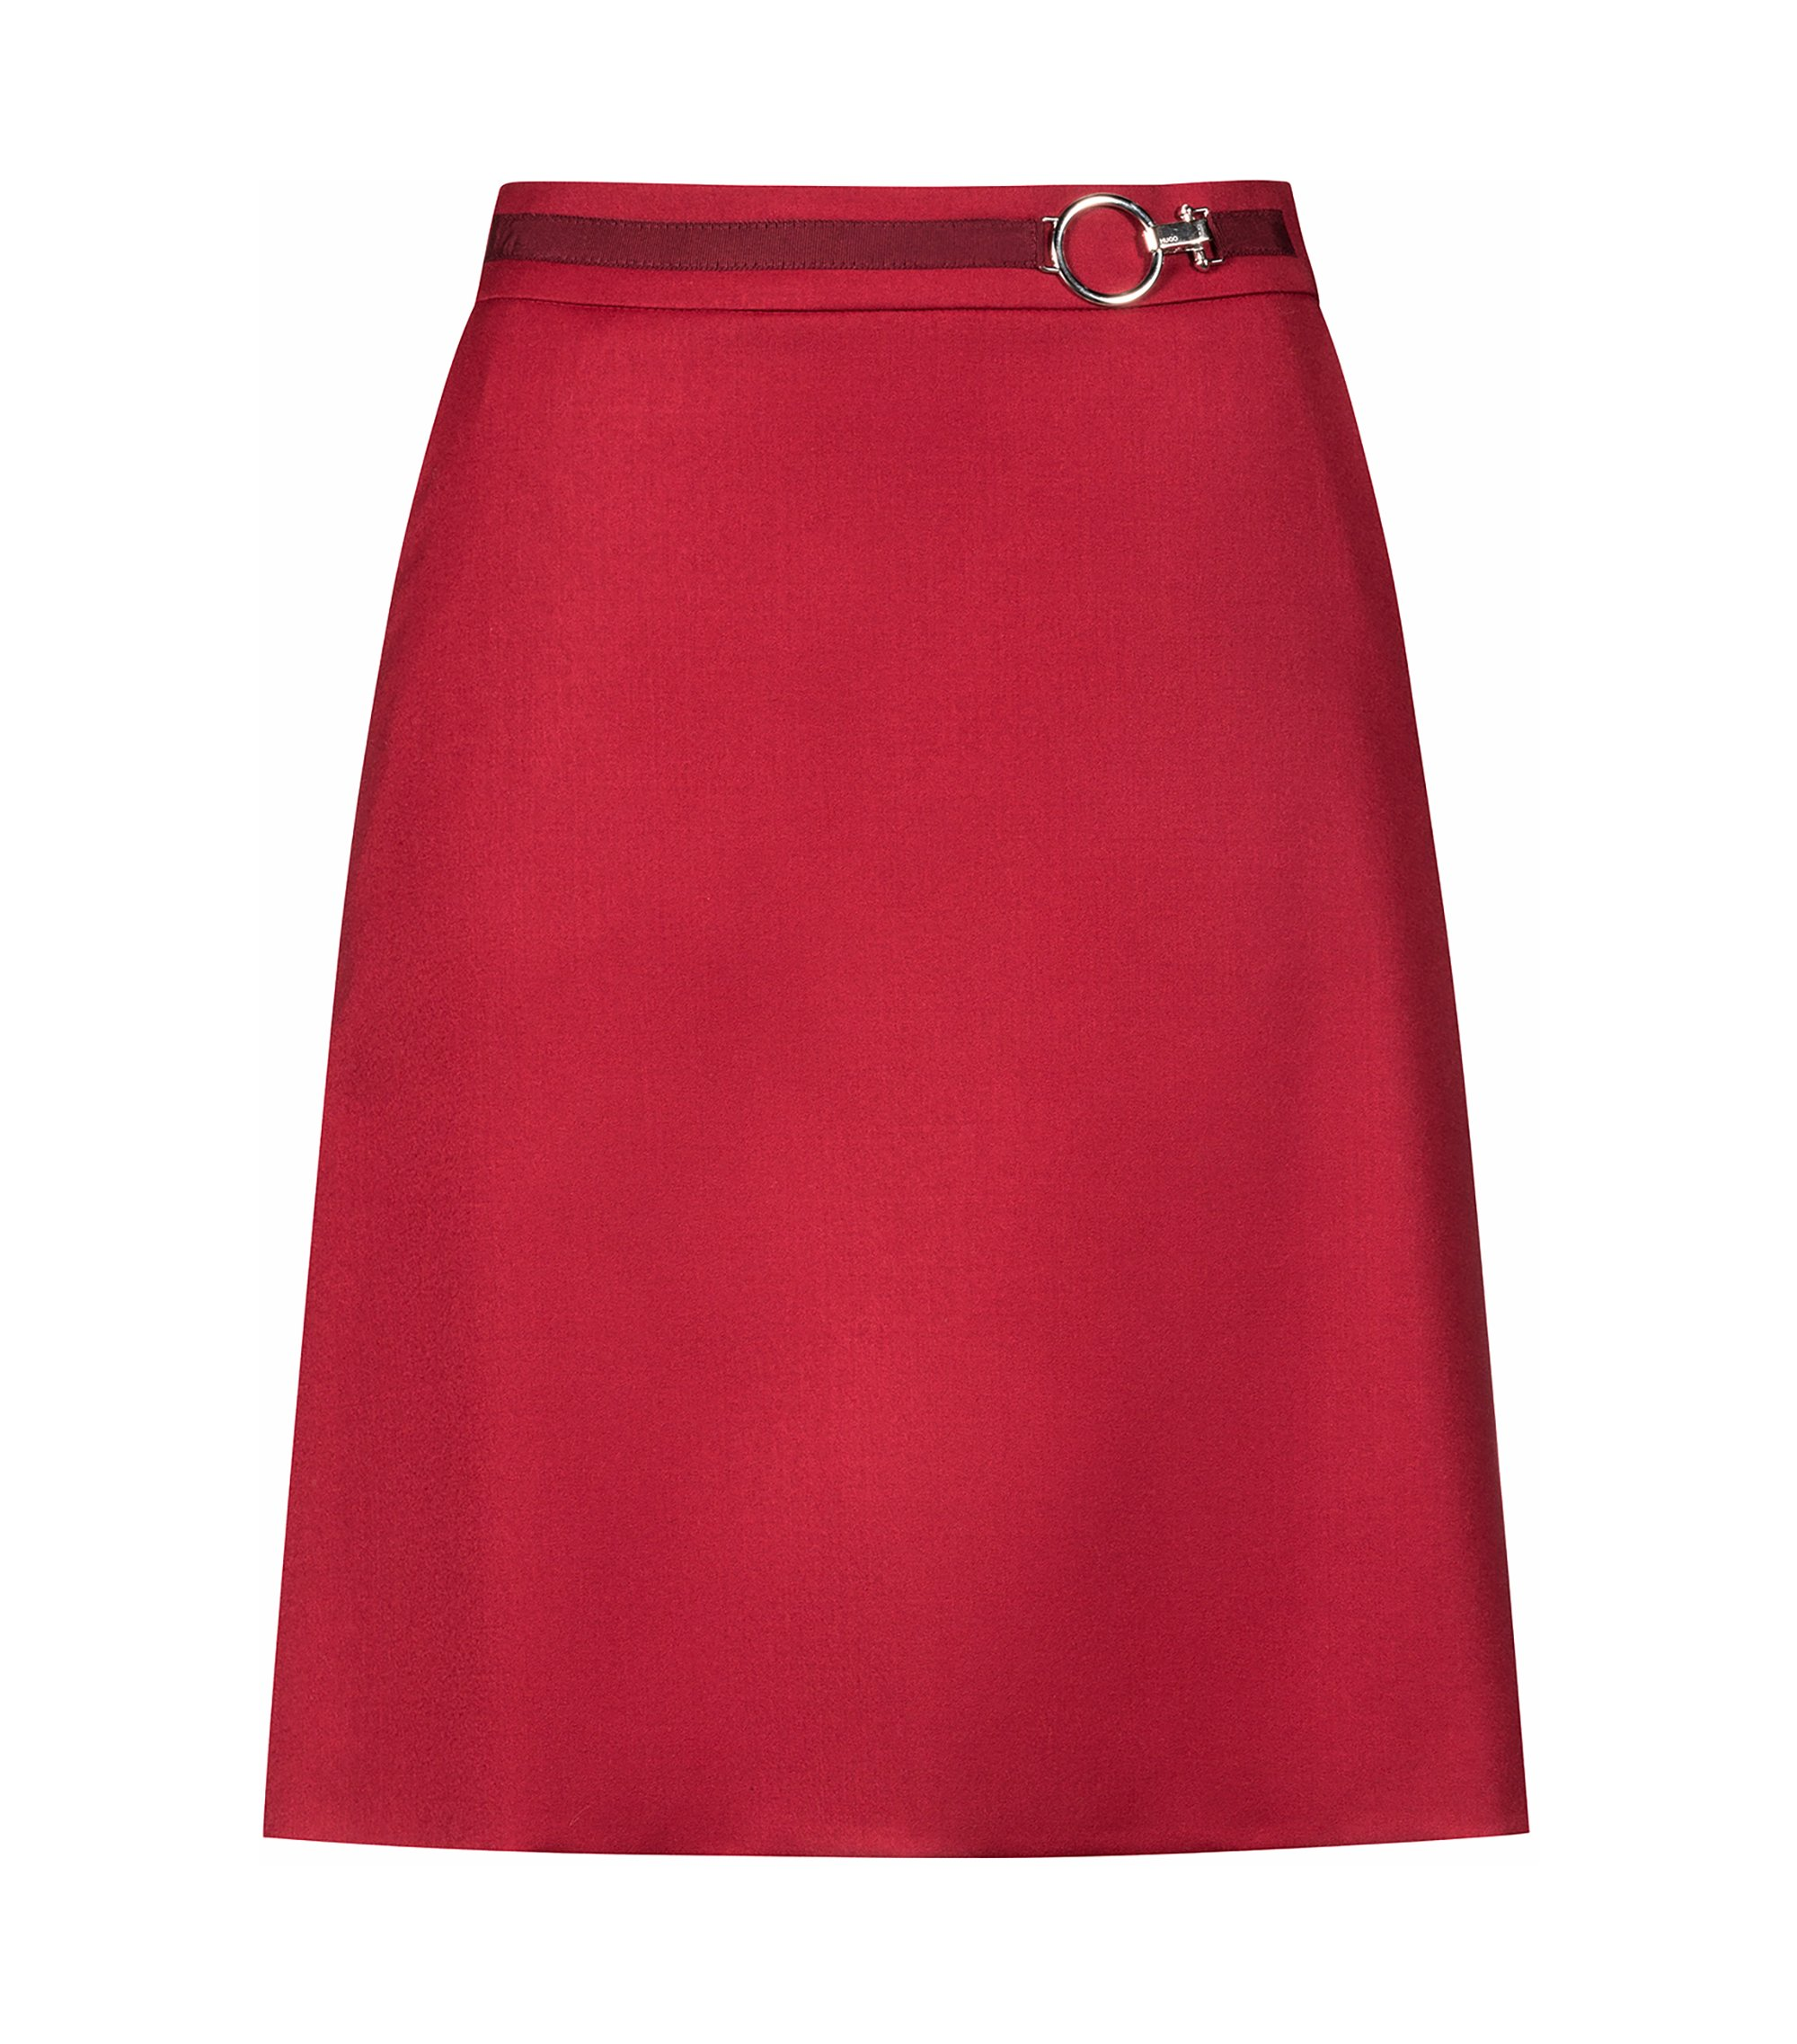 Minirock in A-Linie aus elastischer Schurwolle mit charakteristischer Schließe, Rot